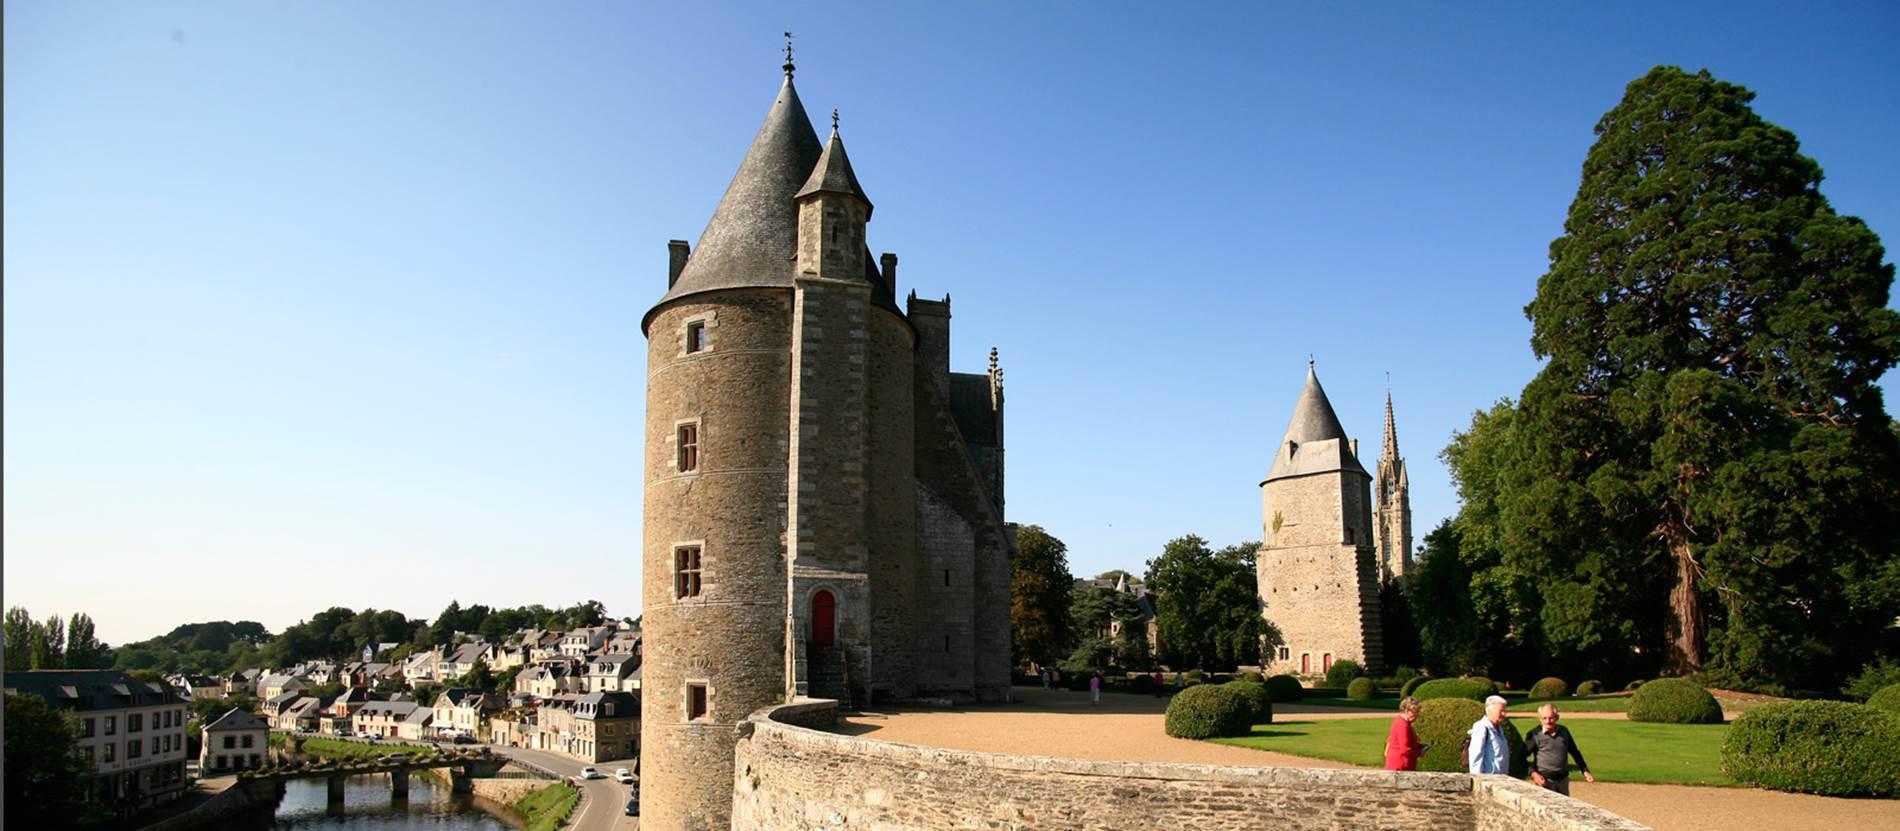 Château et parc de Josselin - Morbihan Bretagne Sud © Château et parc de Josselin